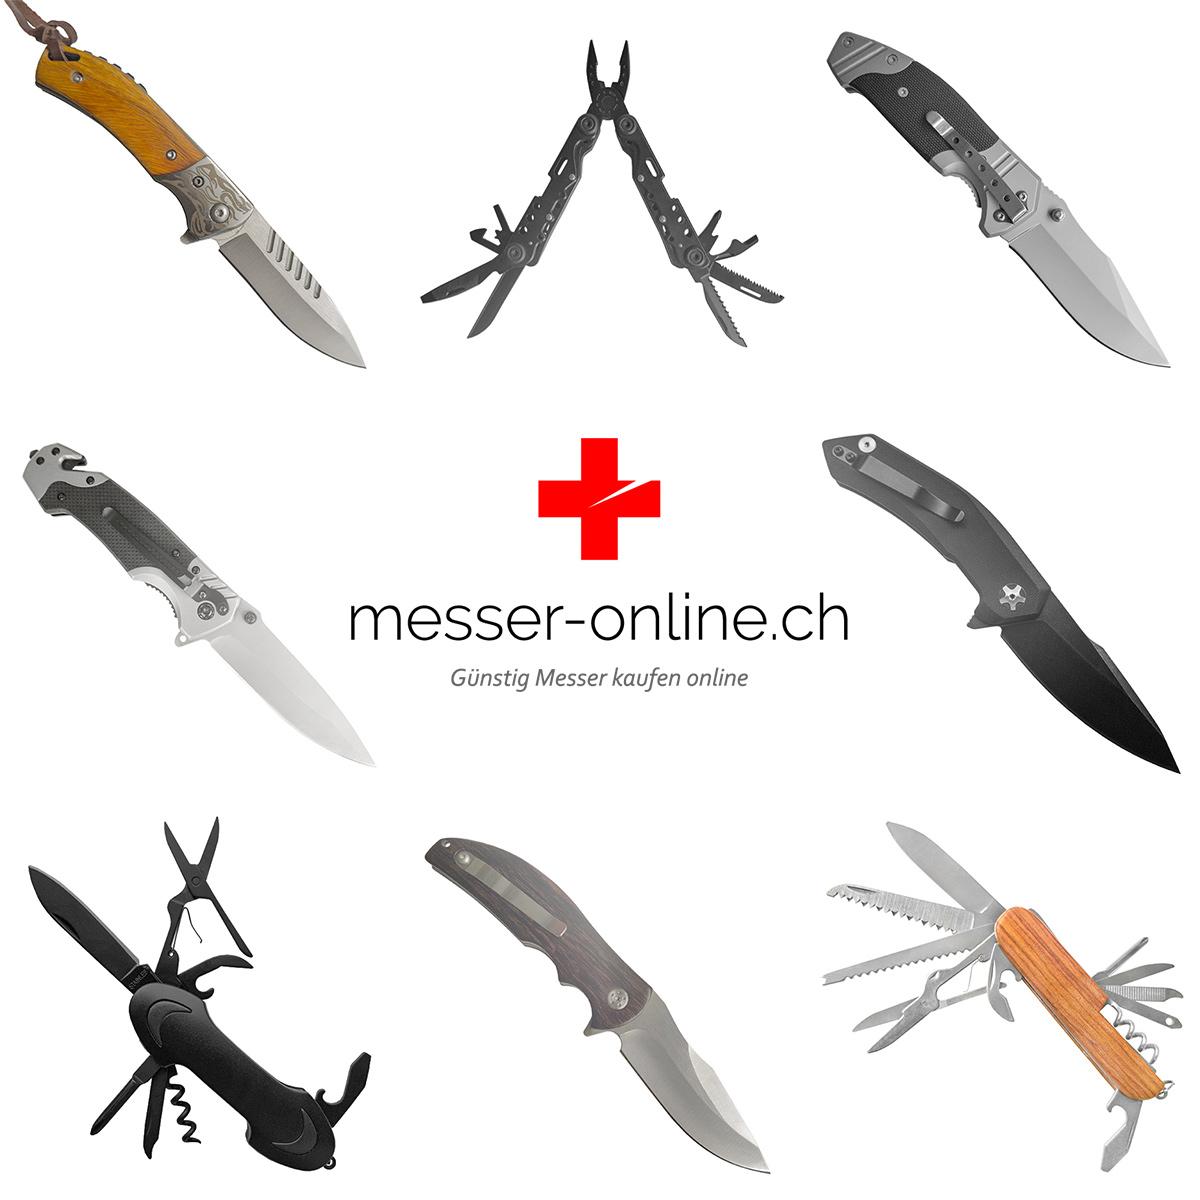 [Schweiz] 20% Rabatt auf das ganze Sortiment bei messer-online.ch